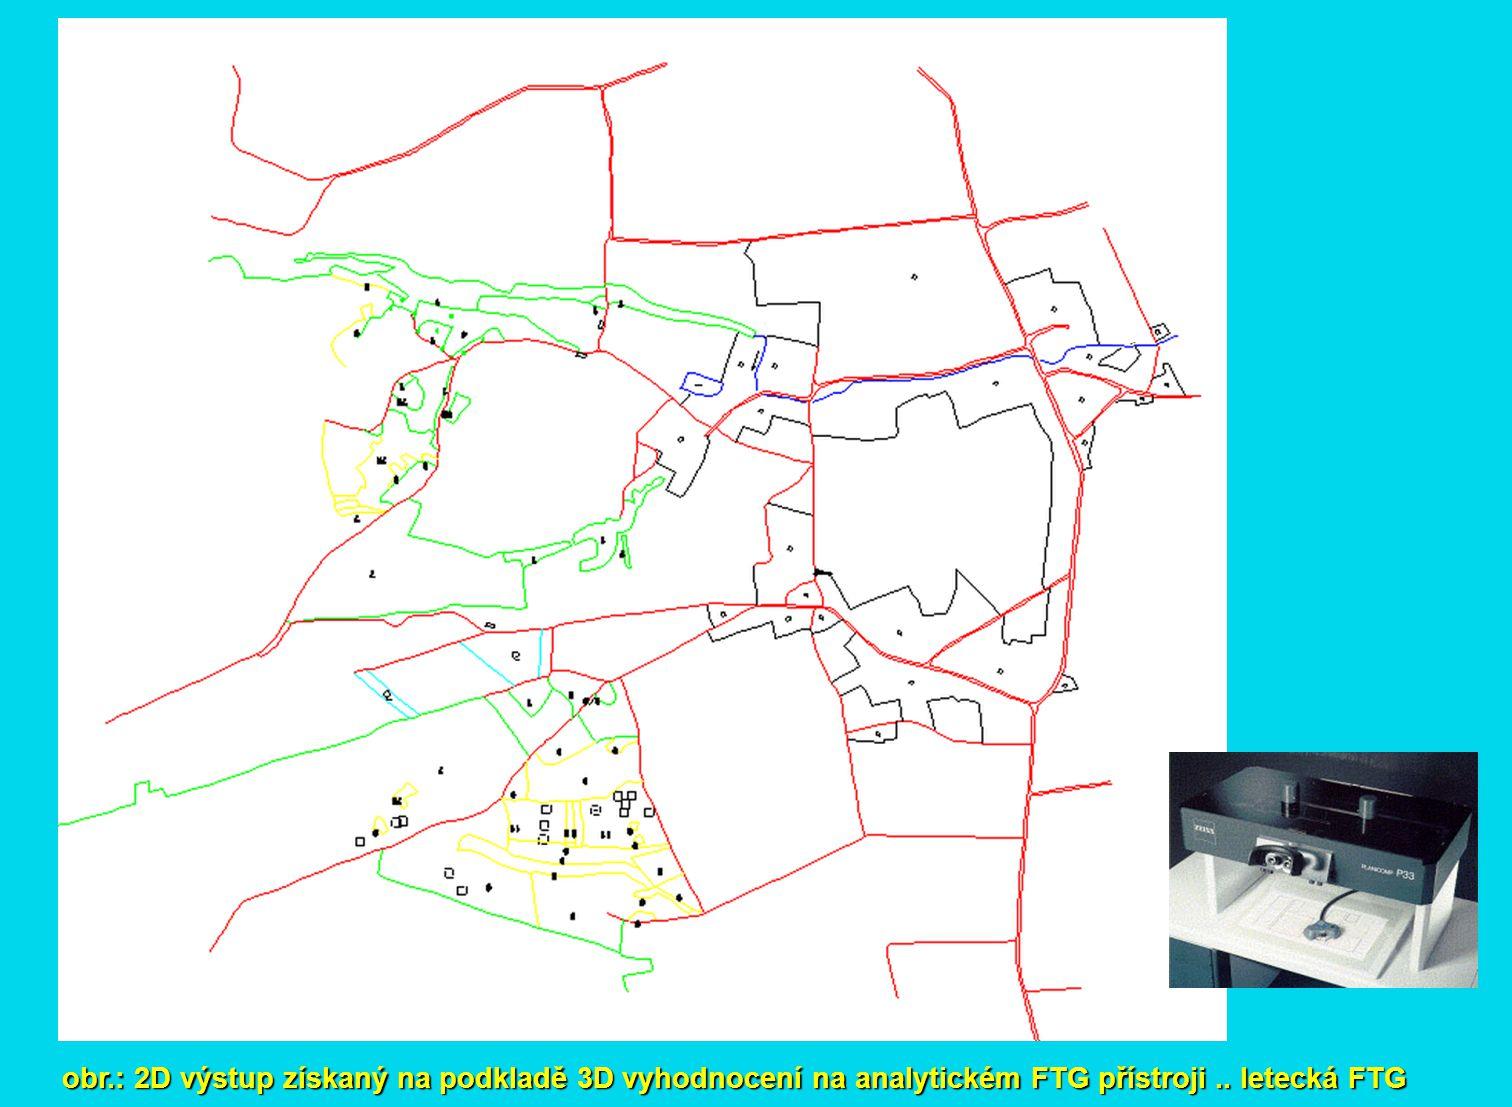 obr.: 2D výstup získaný na podkladě 3D vyhodnocení na analytickém FTG přístroji .. letecká FTG